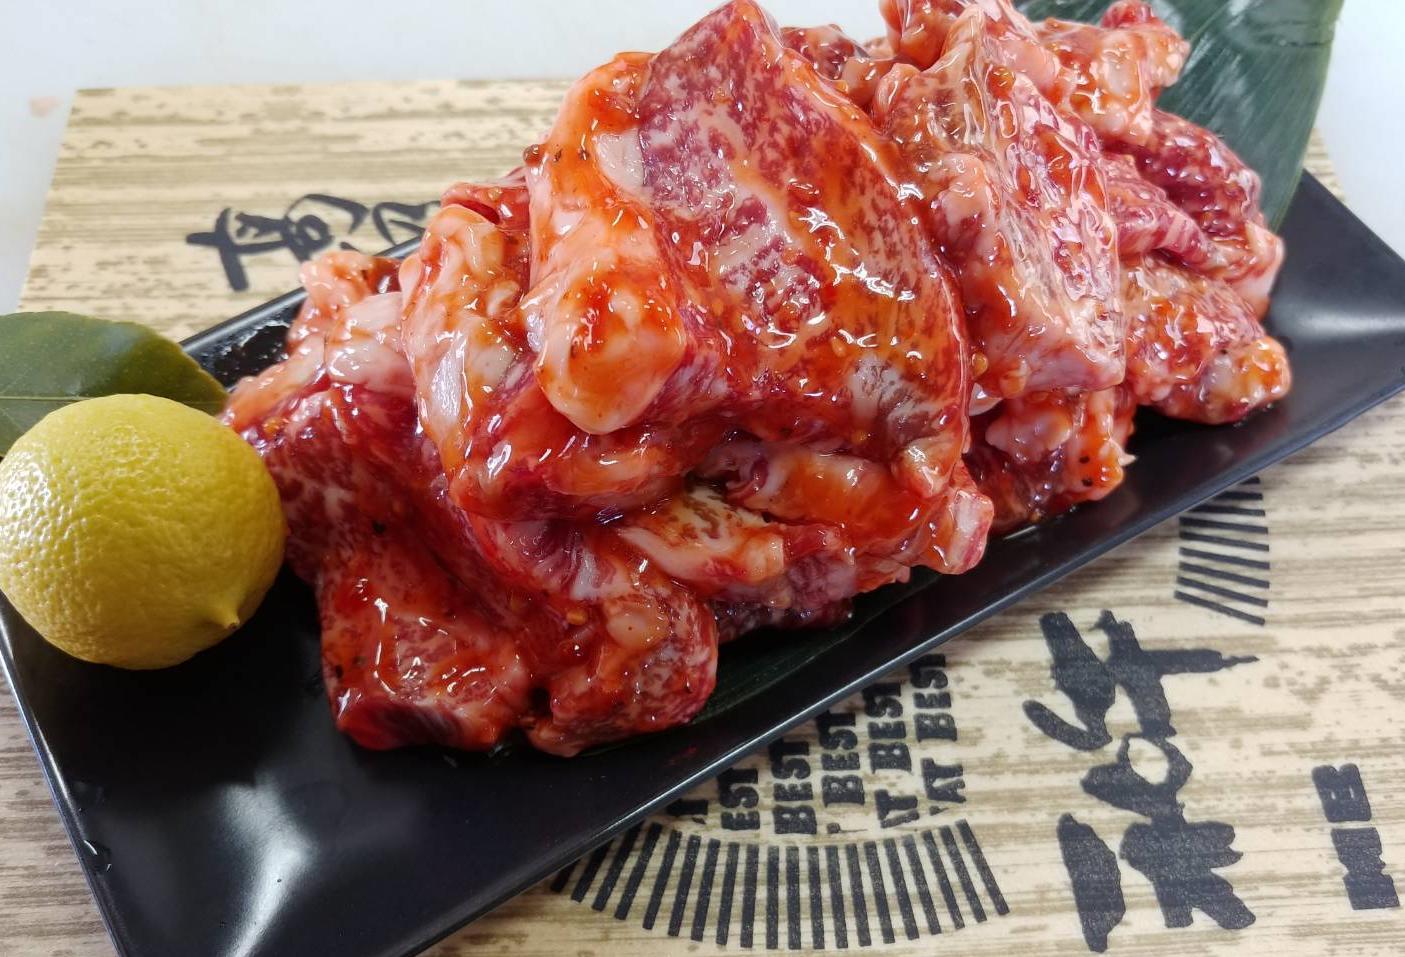 【ふるさと納税】牧場直売「淡路姫和牛」たれ漬(モモ、バラ、ハラミ) 1kg(500g×2パック)